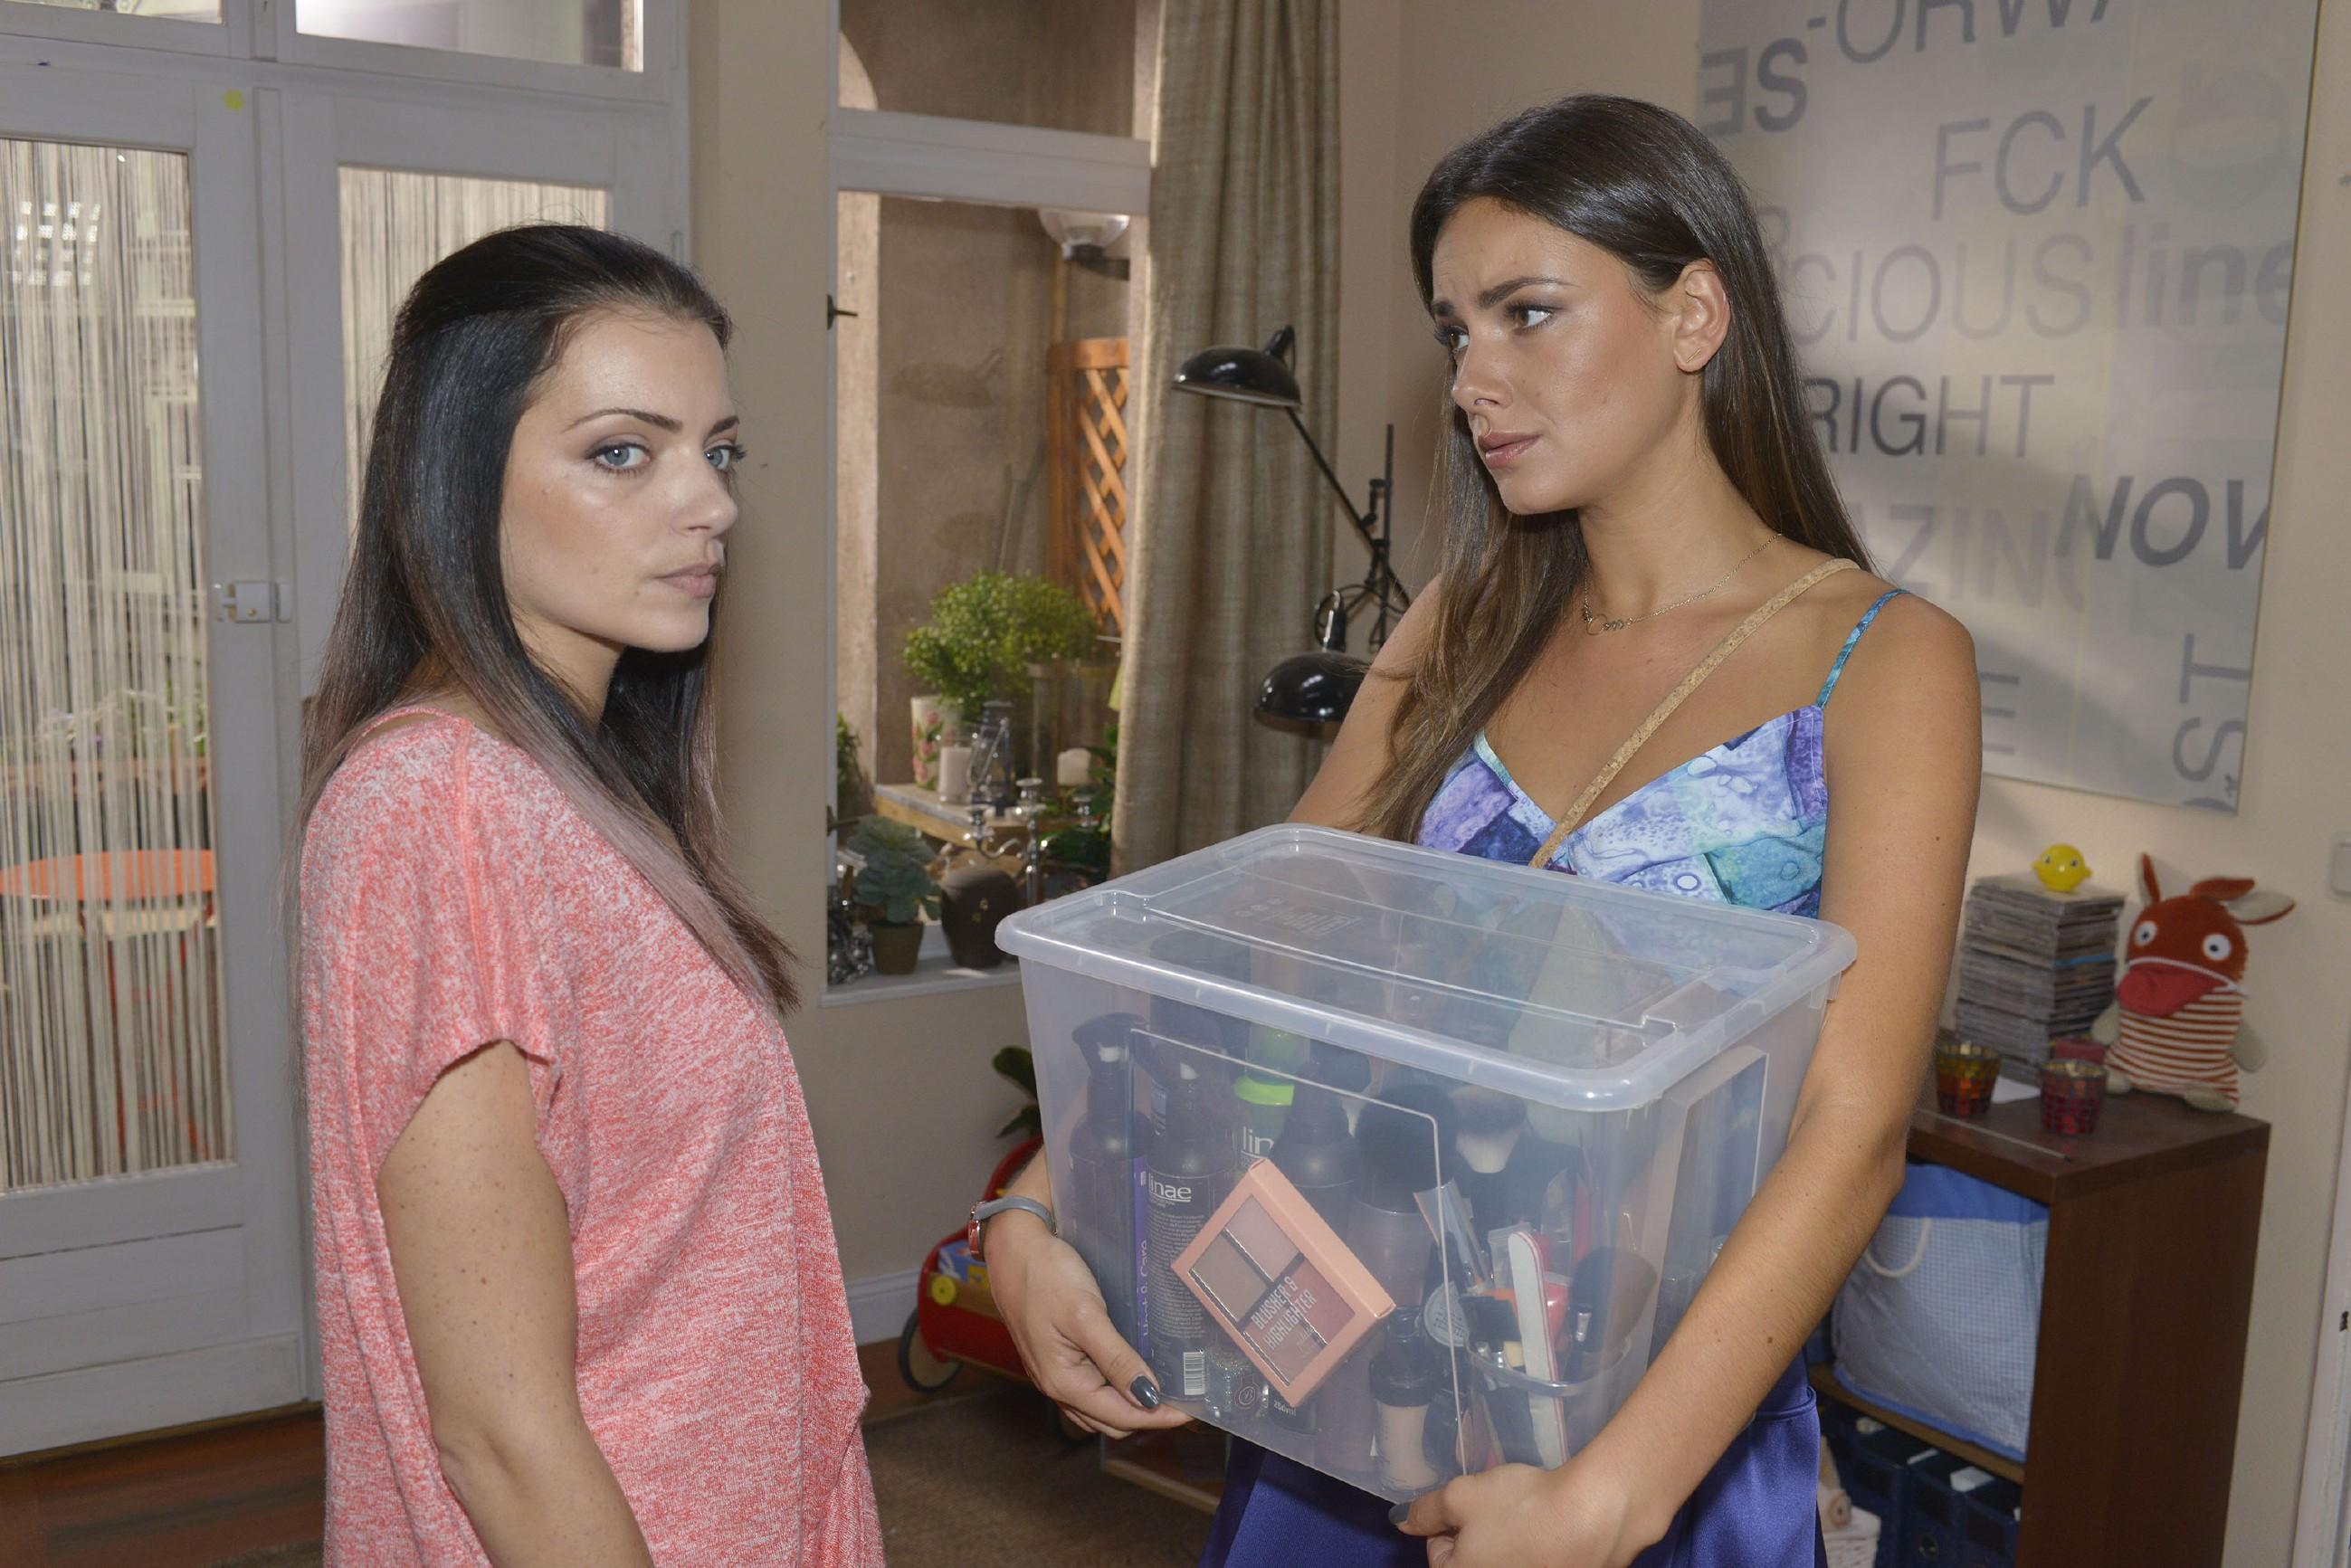 Als Jasmin (Janina Uhse, r.) merkt, was wirklich hinter Emilys (Anne Menden) schlechter Laune steckt, versucht sie ihre Freundin aufzubauen. (Quelle: RTL / Rolf Baumgartner)